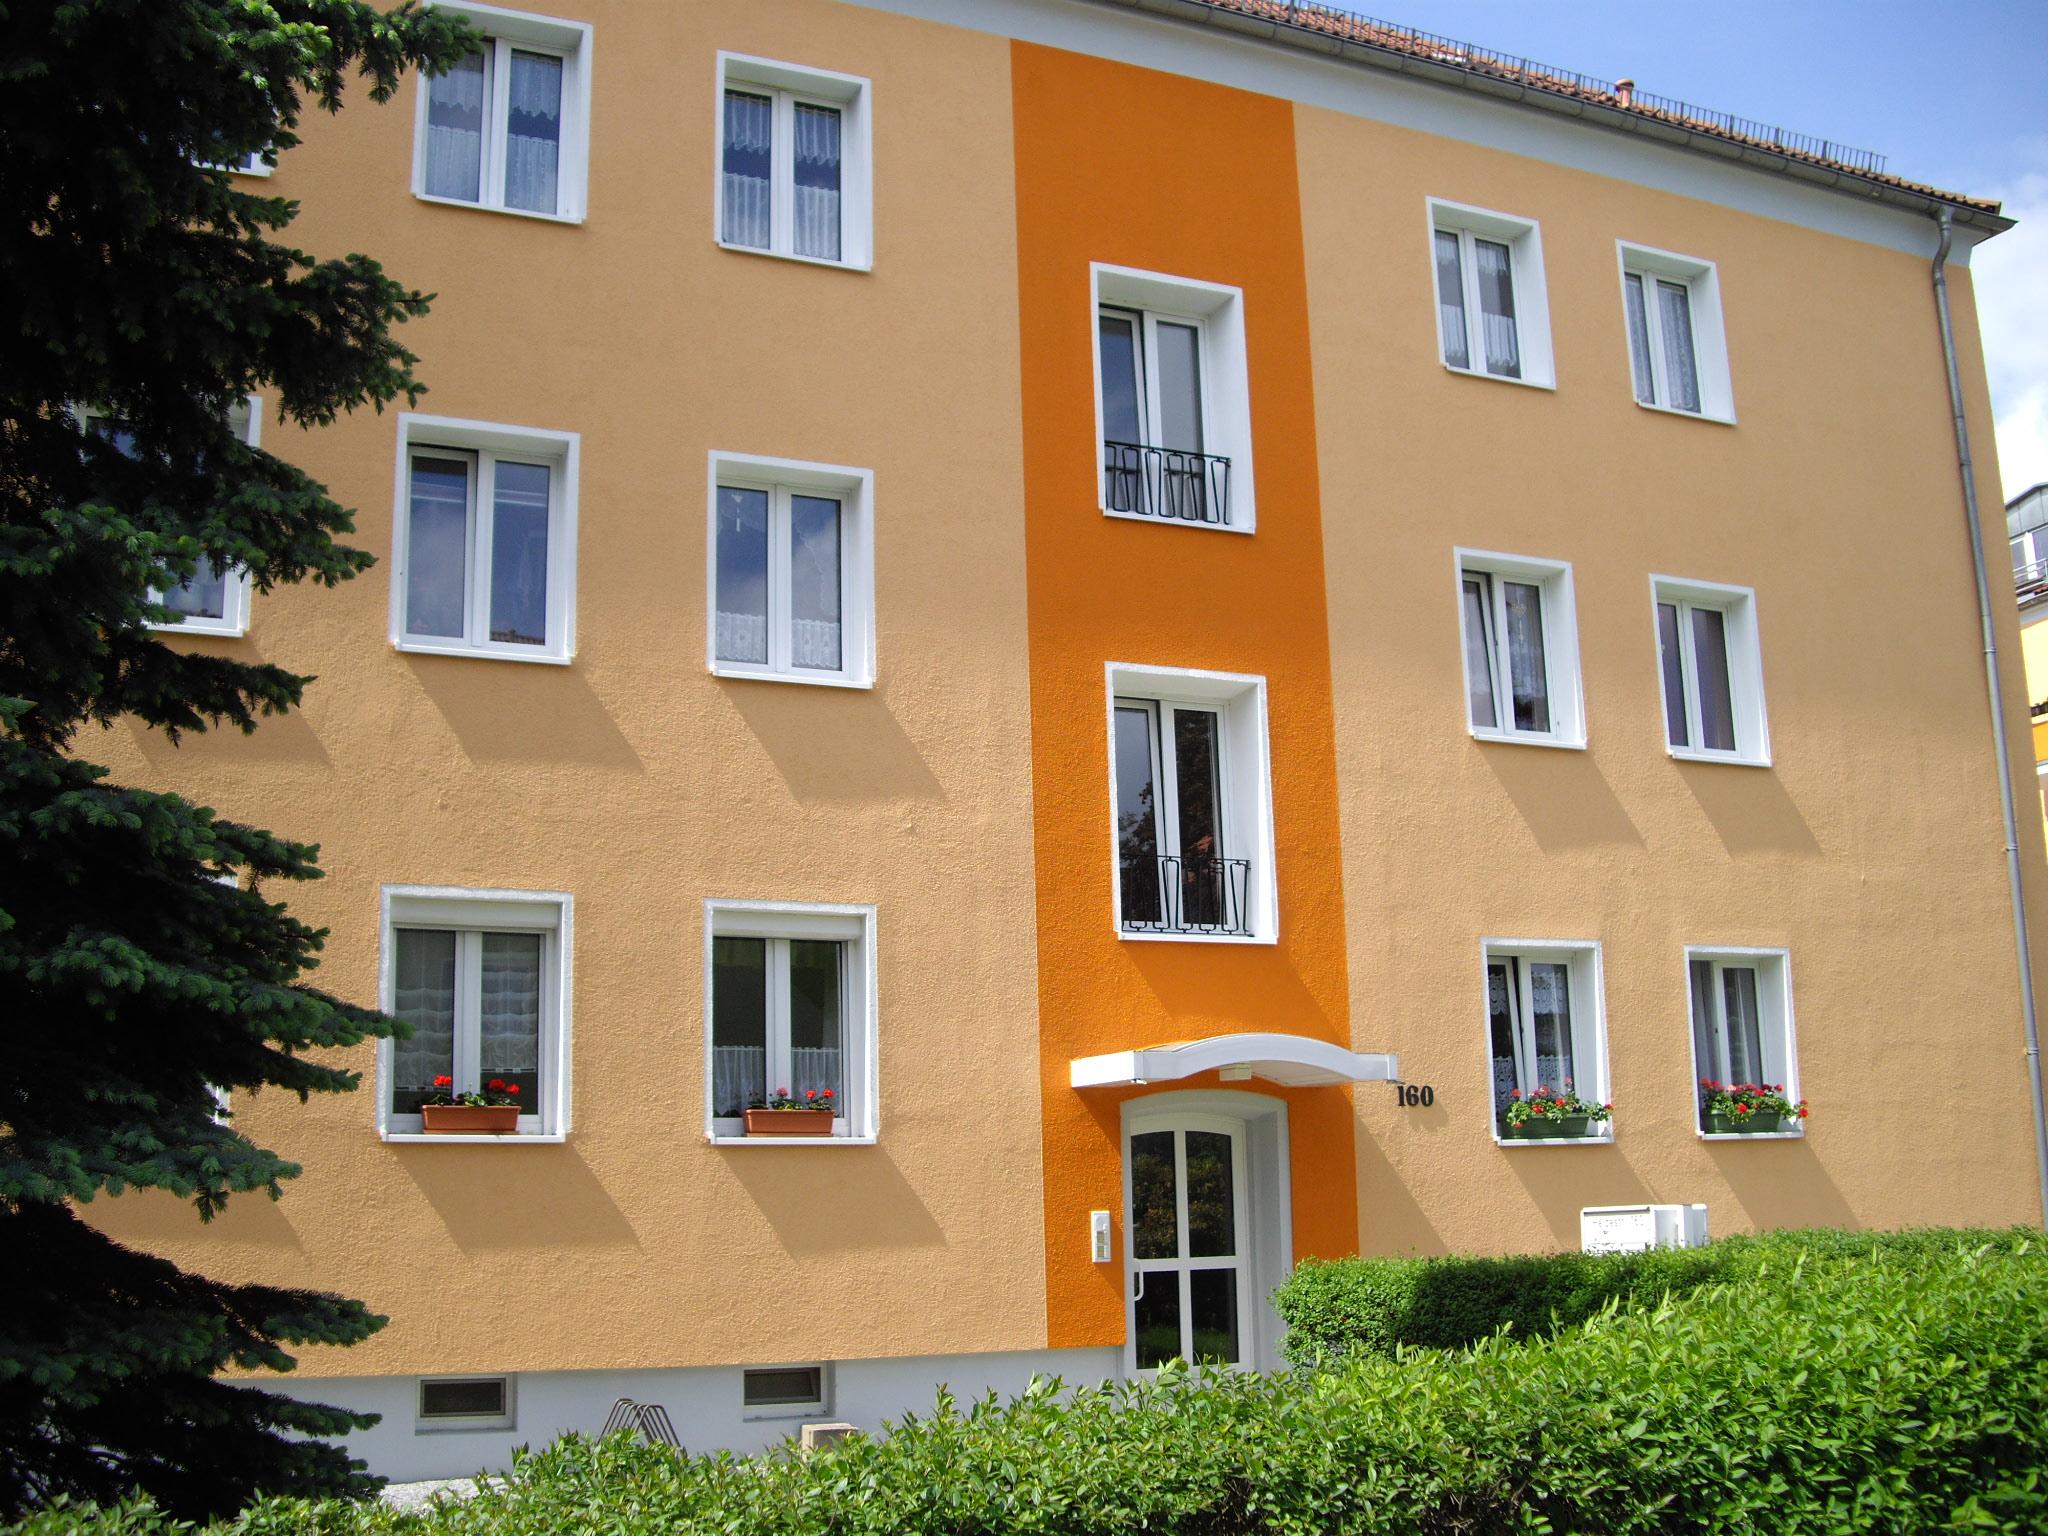 3rwe Heidestraße 160 2 Og Links Radeberg Wohnbau Radeberg